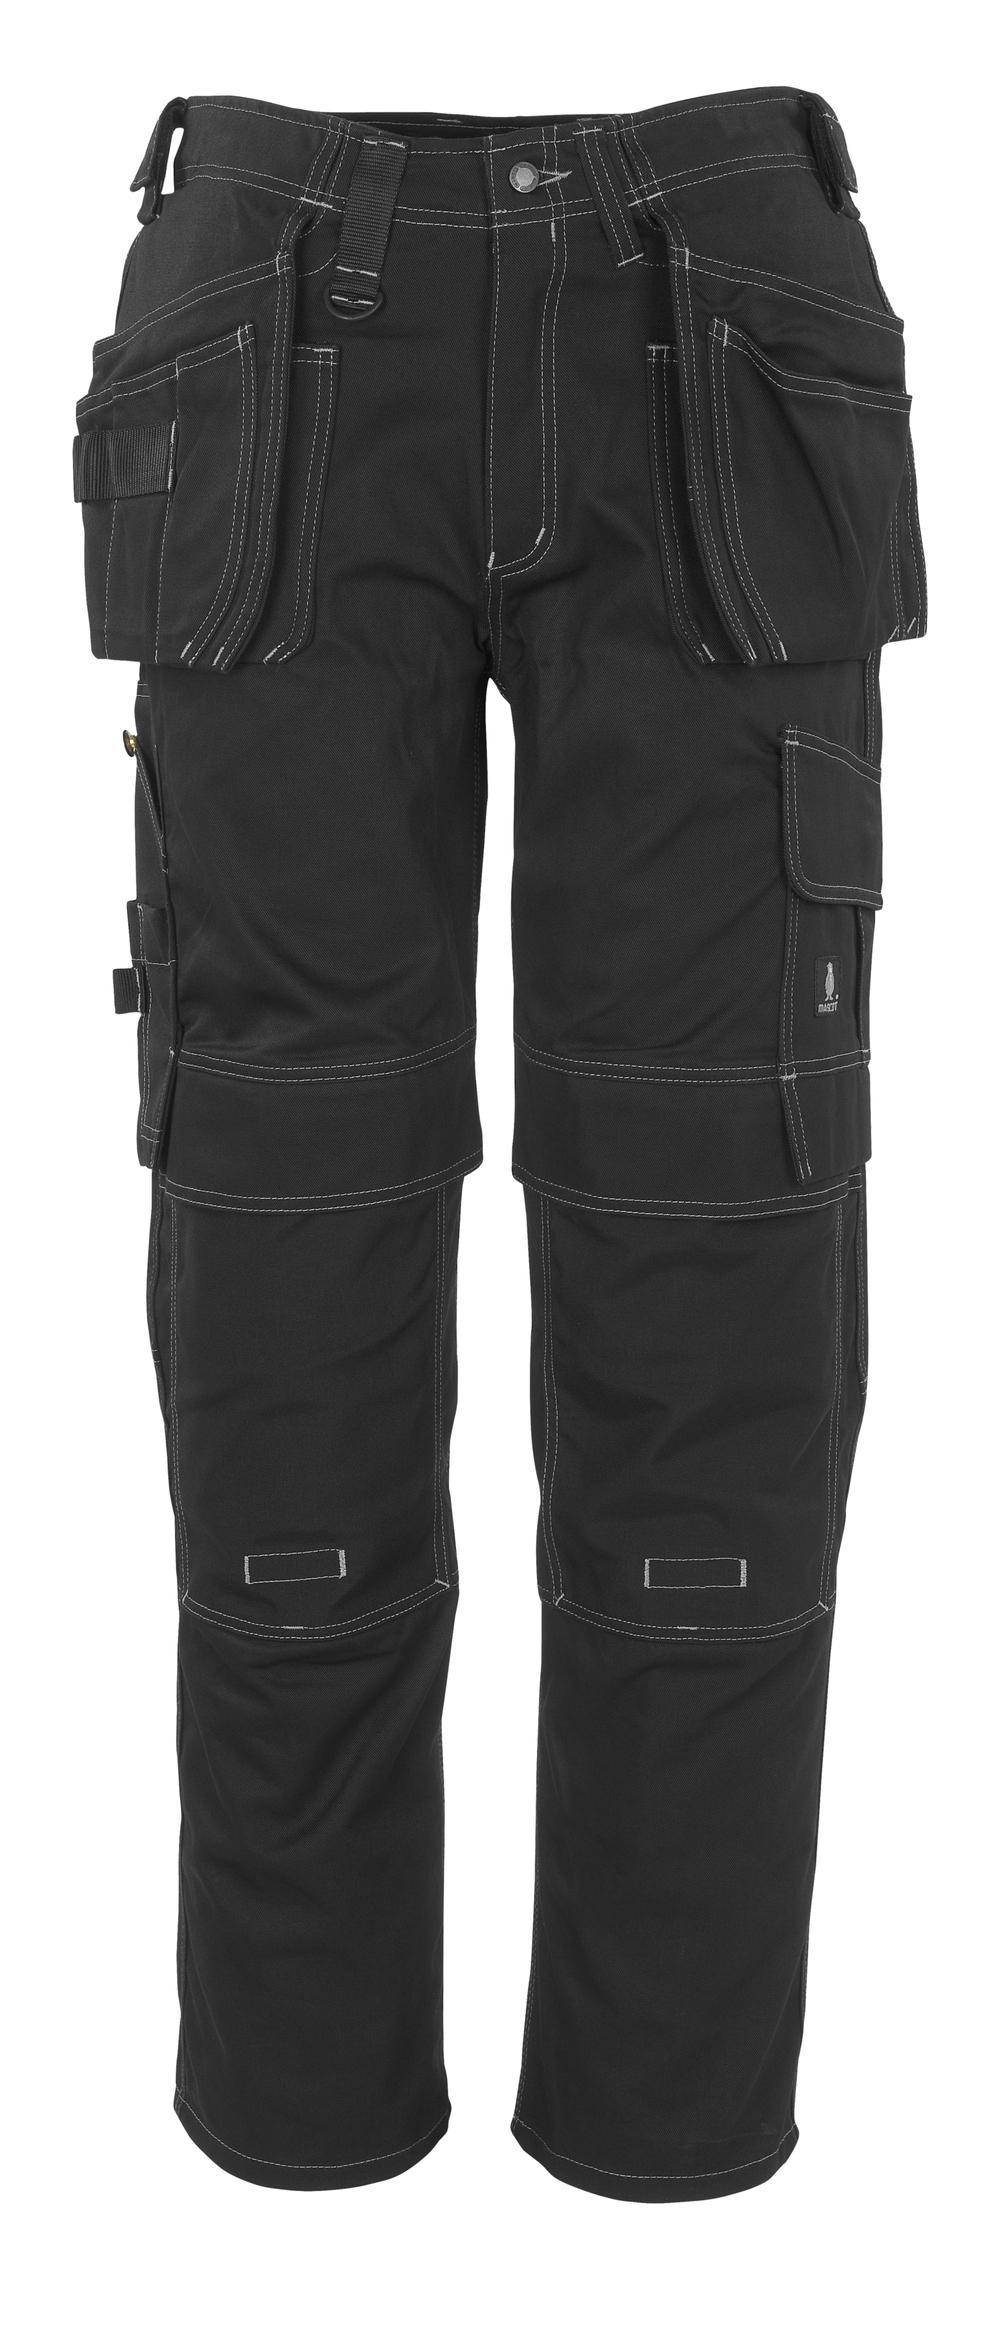 06131-630-09 Pantaloni con tasche porta-ginocchiere e tasche esterne - nero